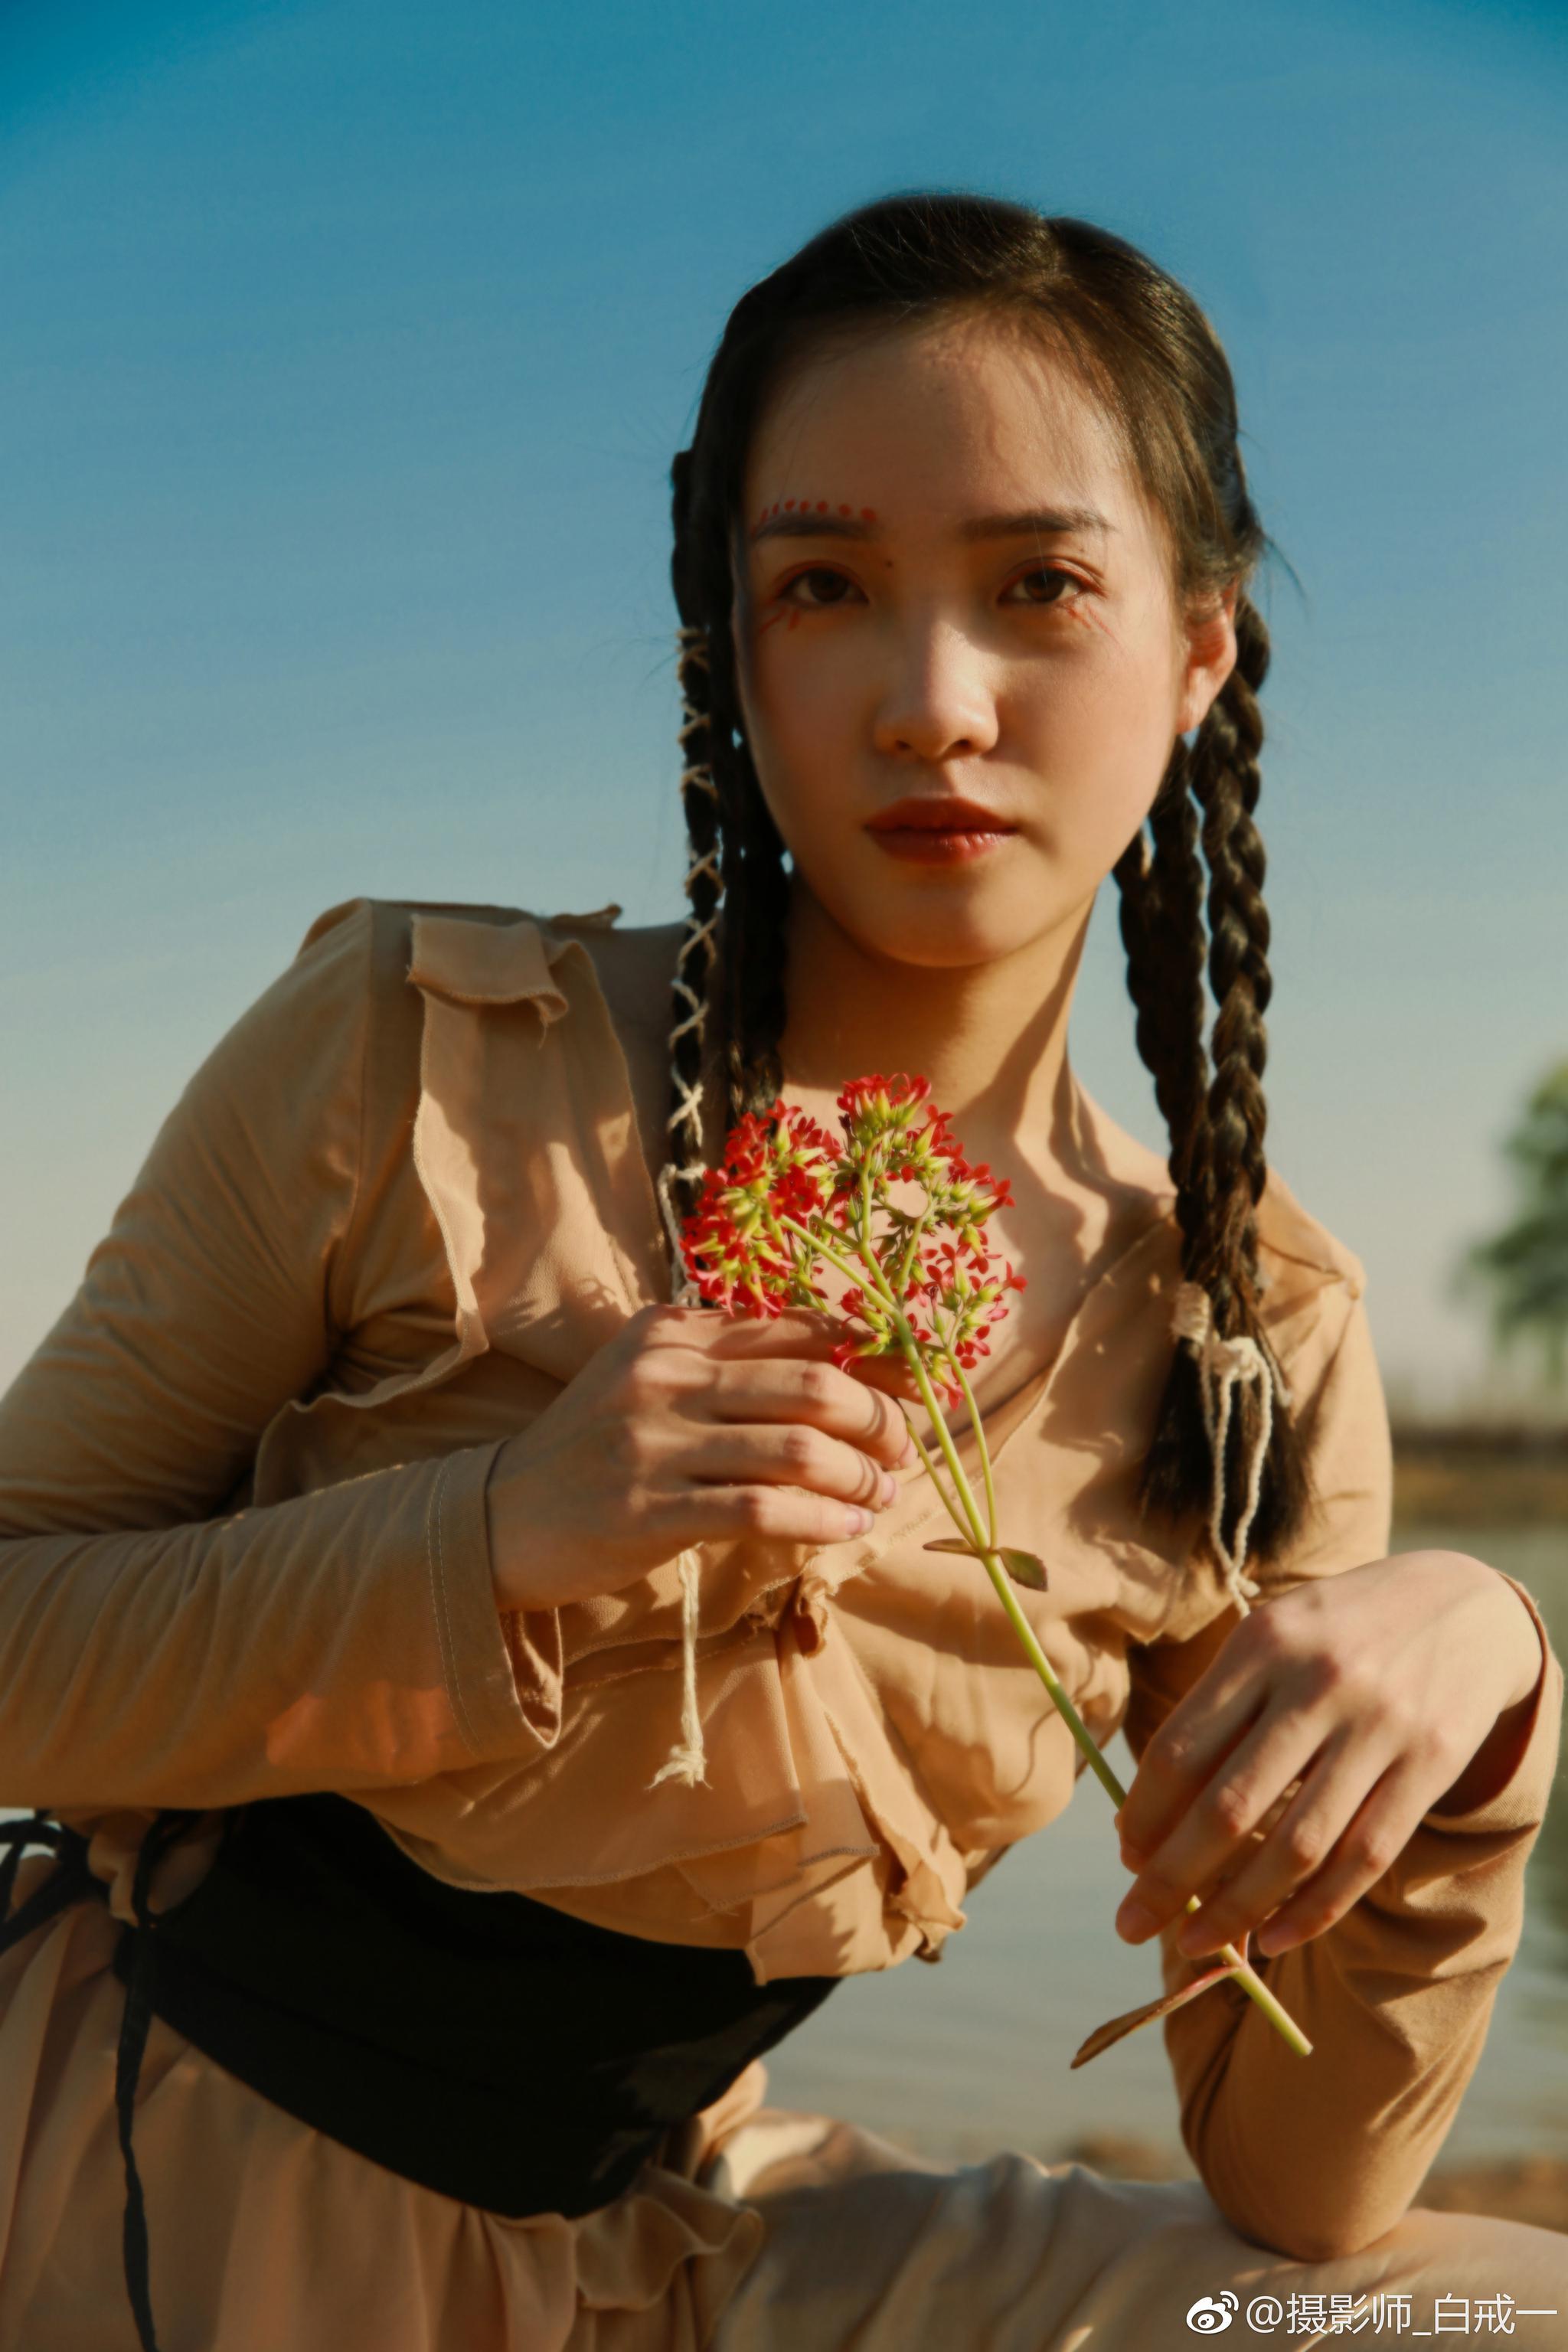 摄影策划:我|妆造:@July化妆间---肖小美 |出镜